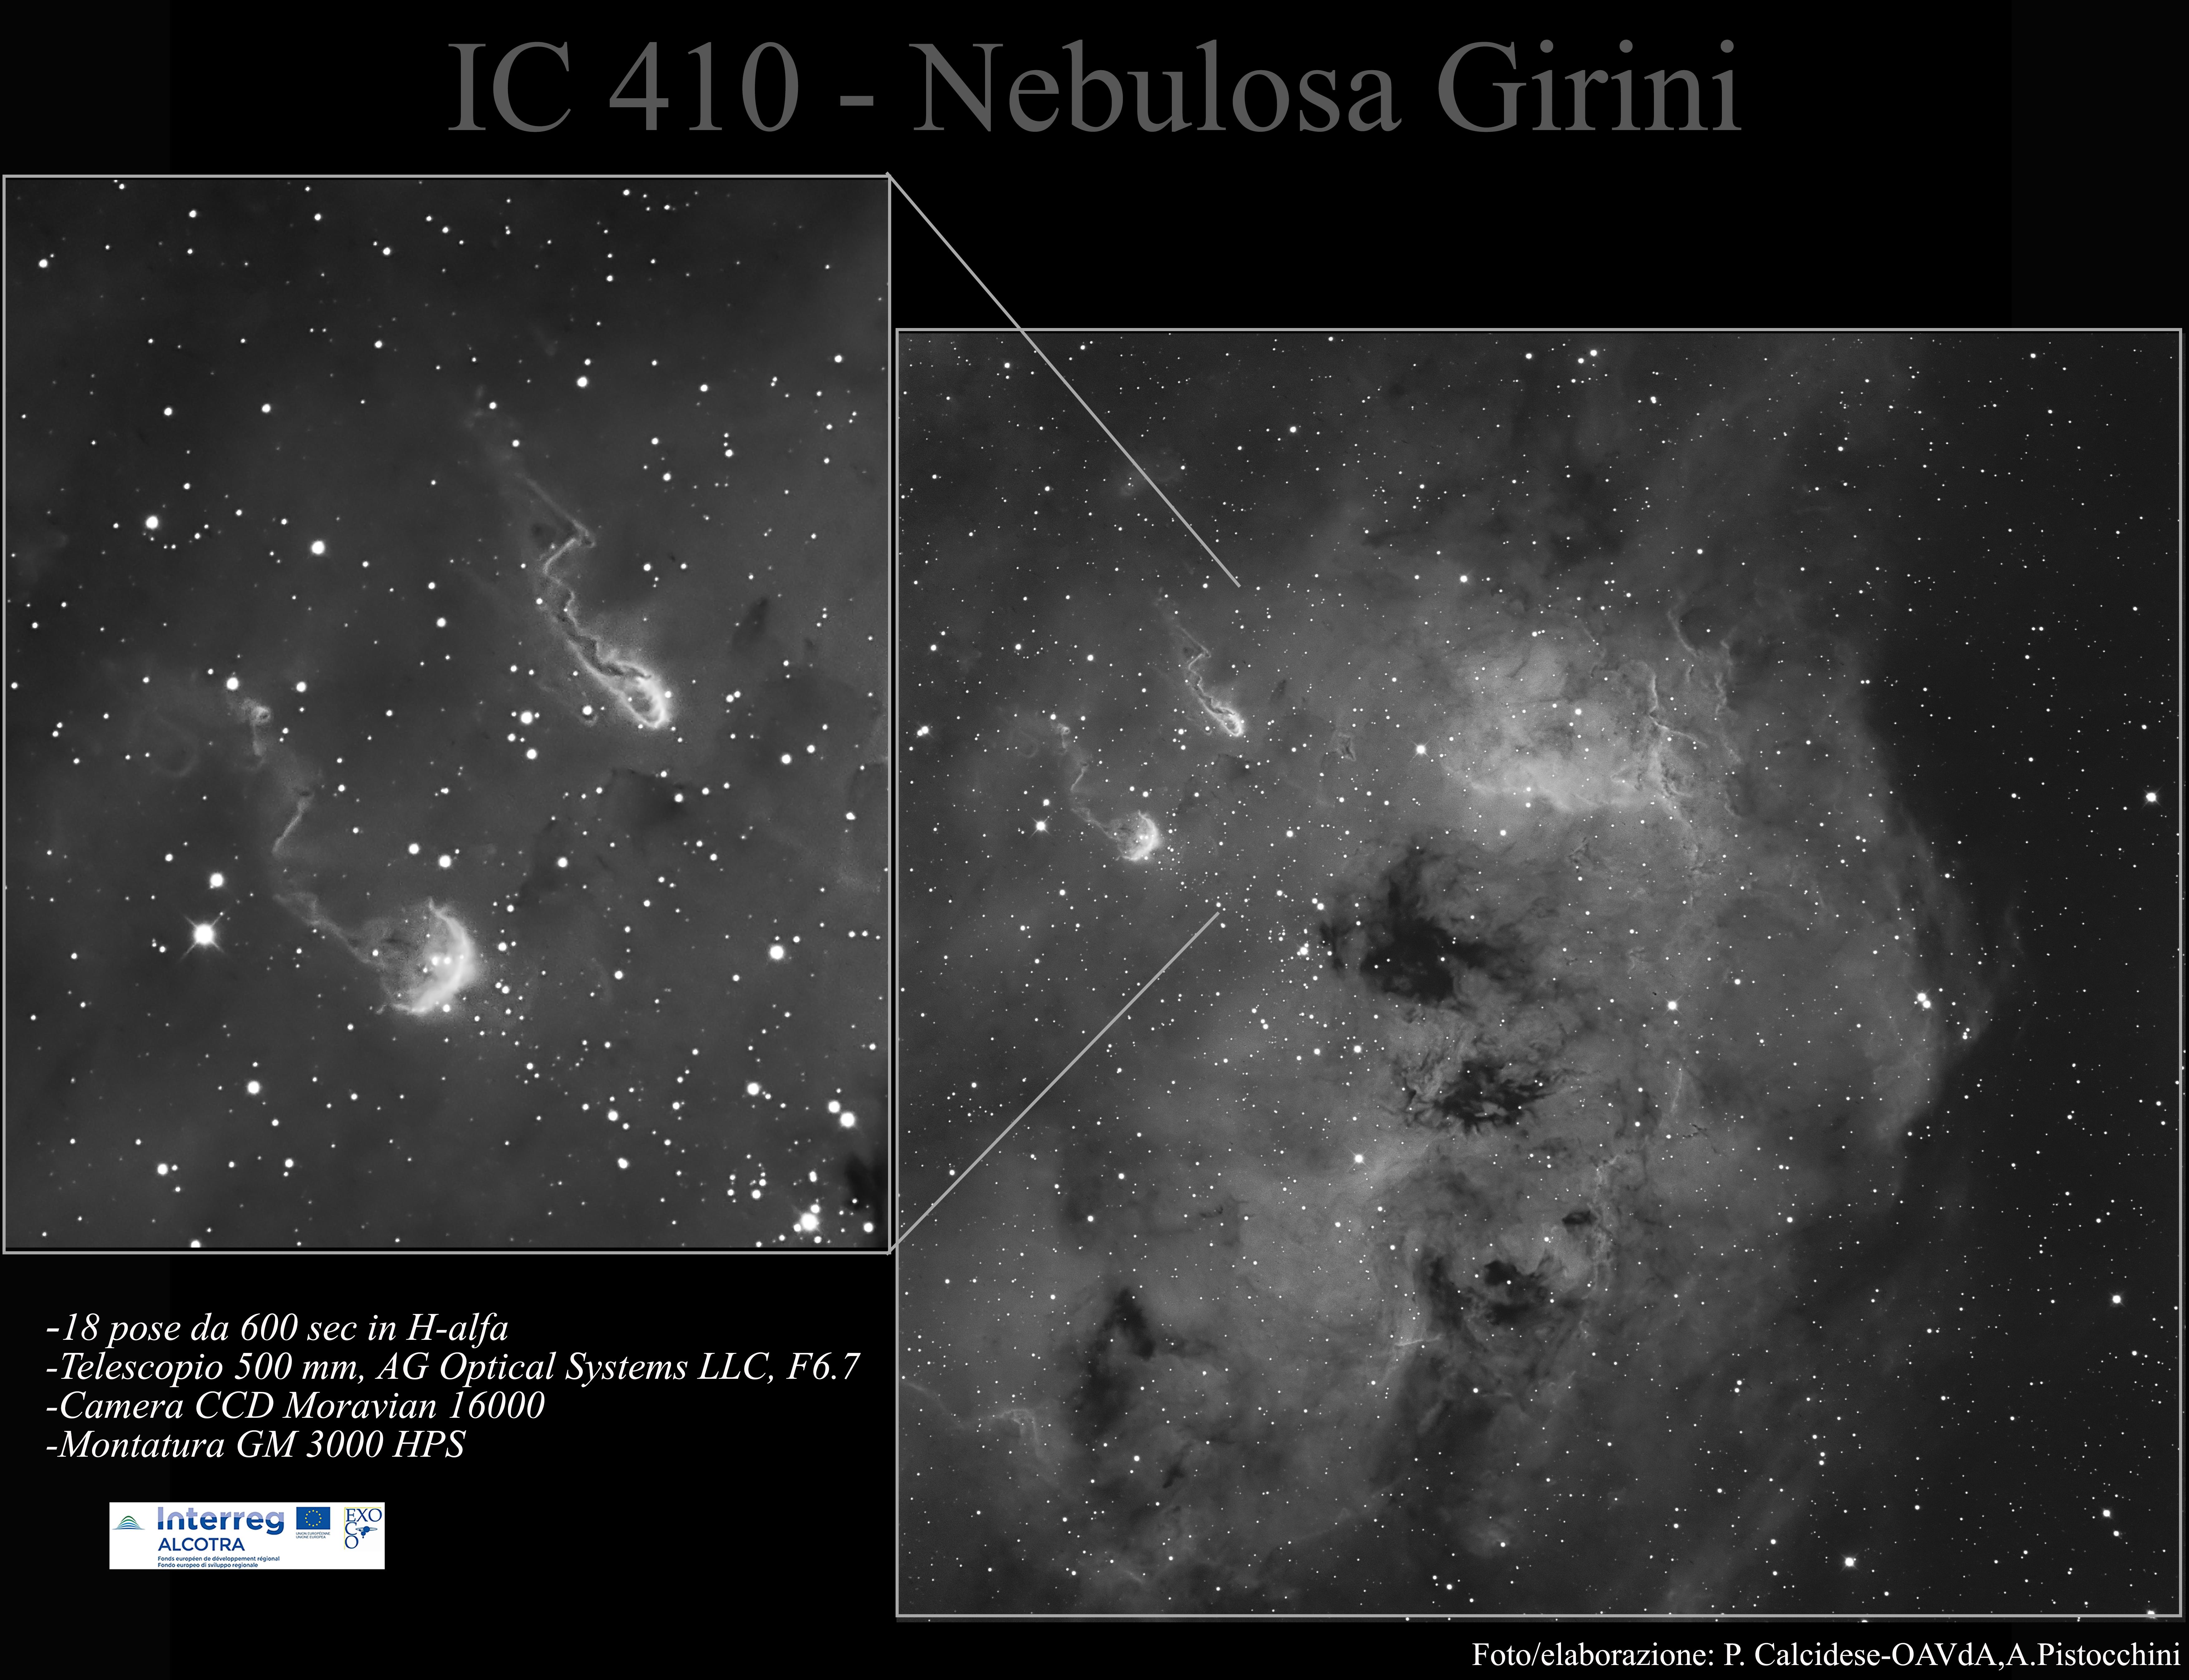 Nebulosa Girini